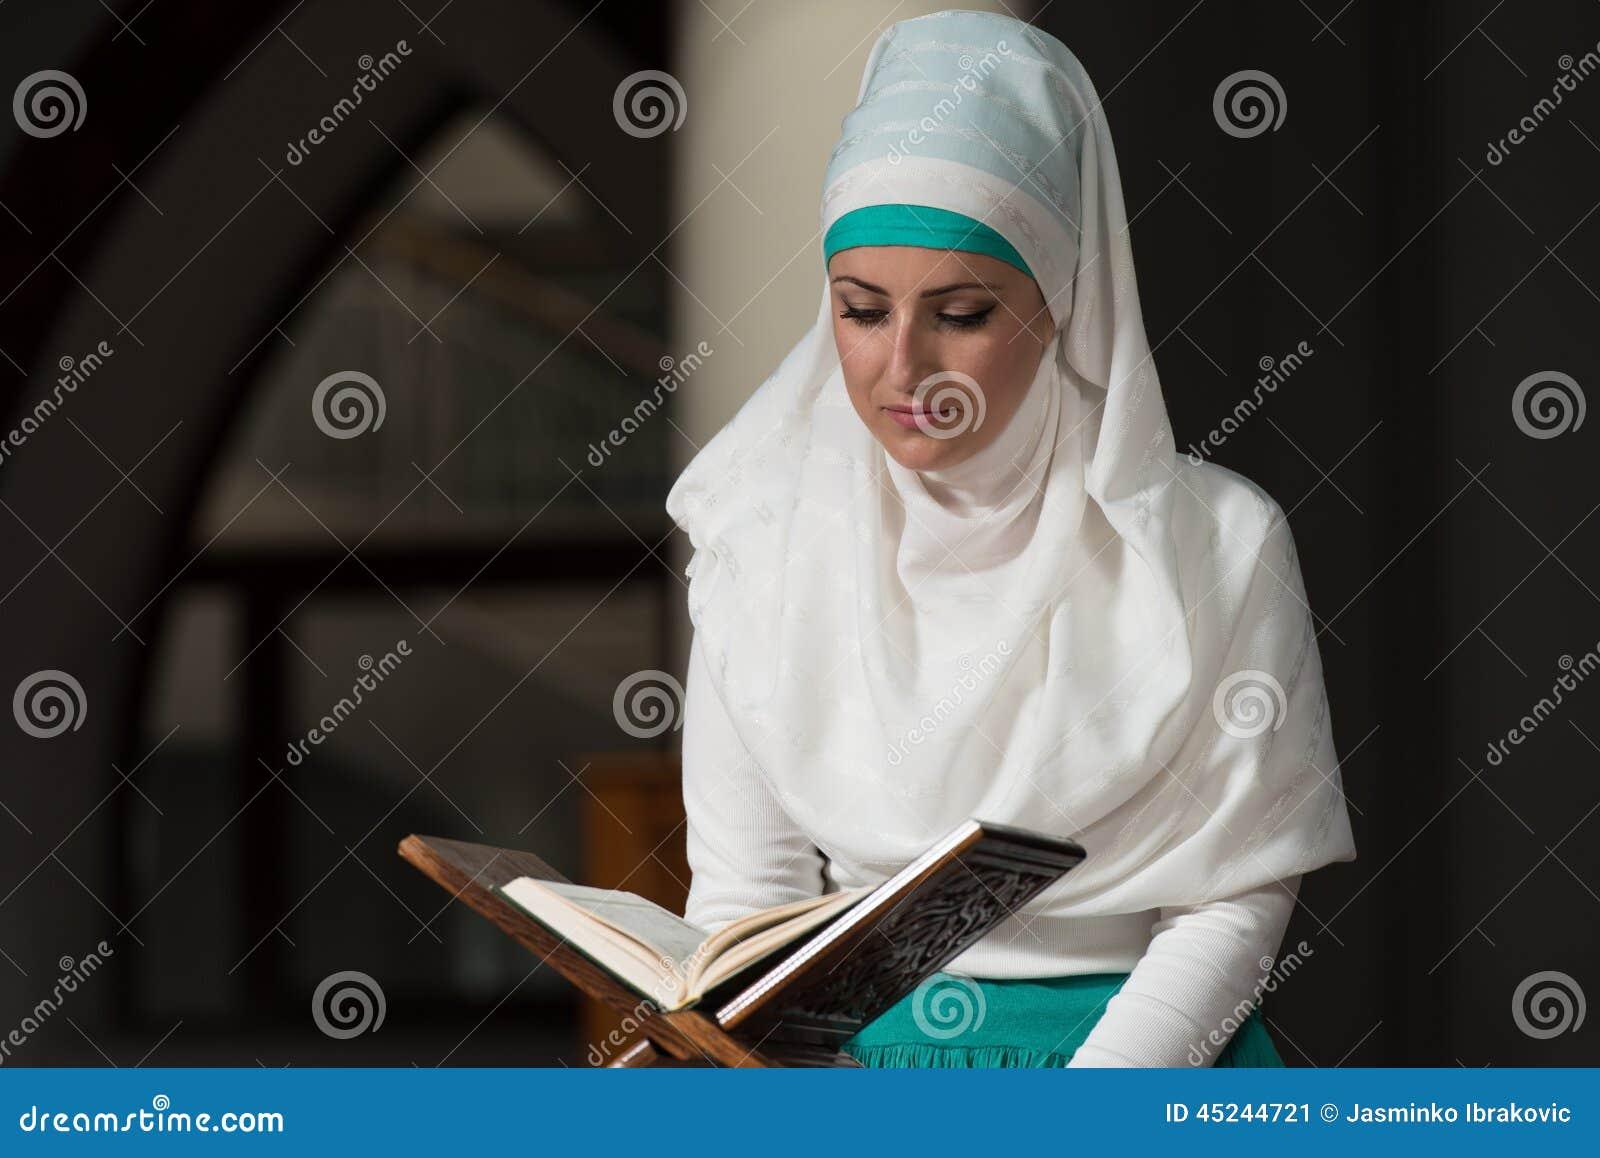 Фото аллаха девушка